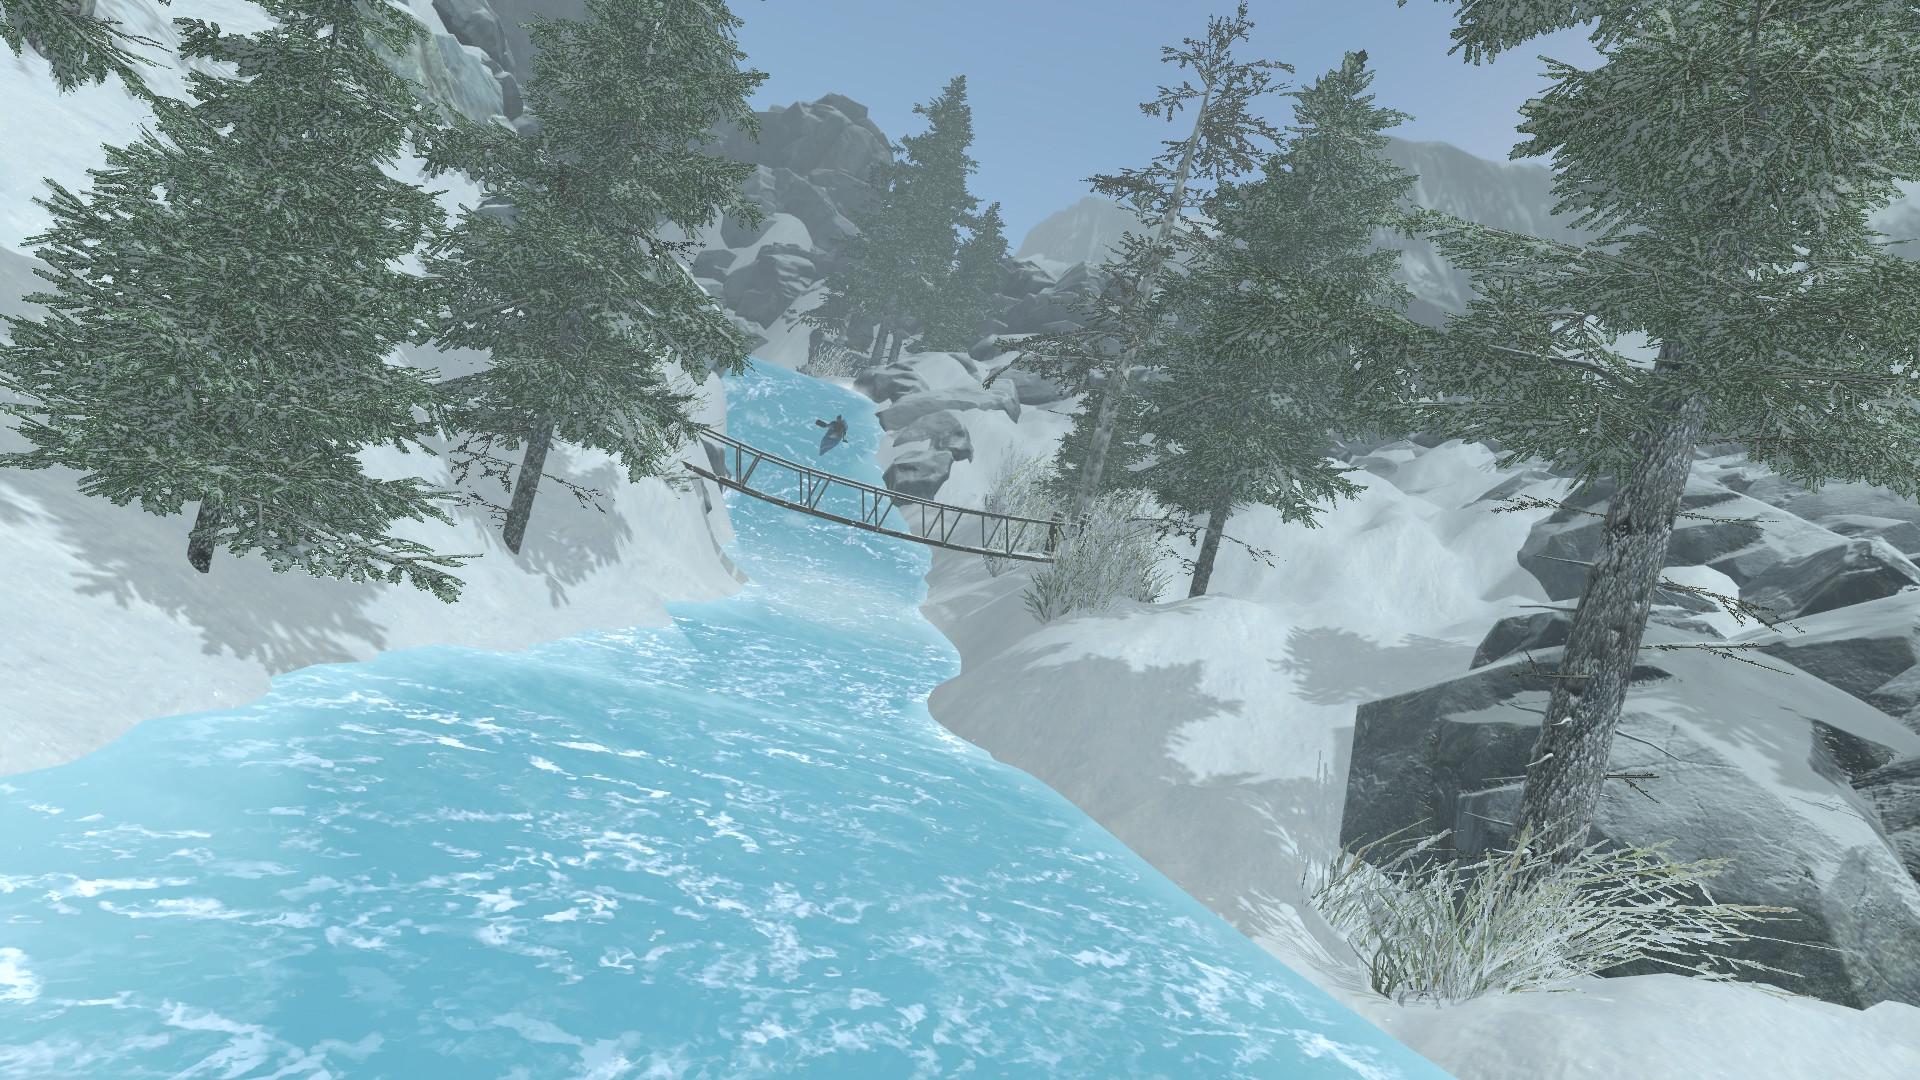 downstream vr